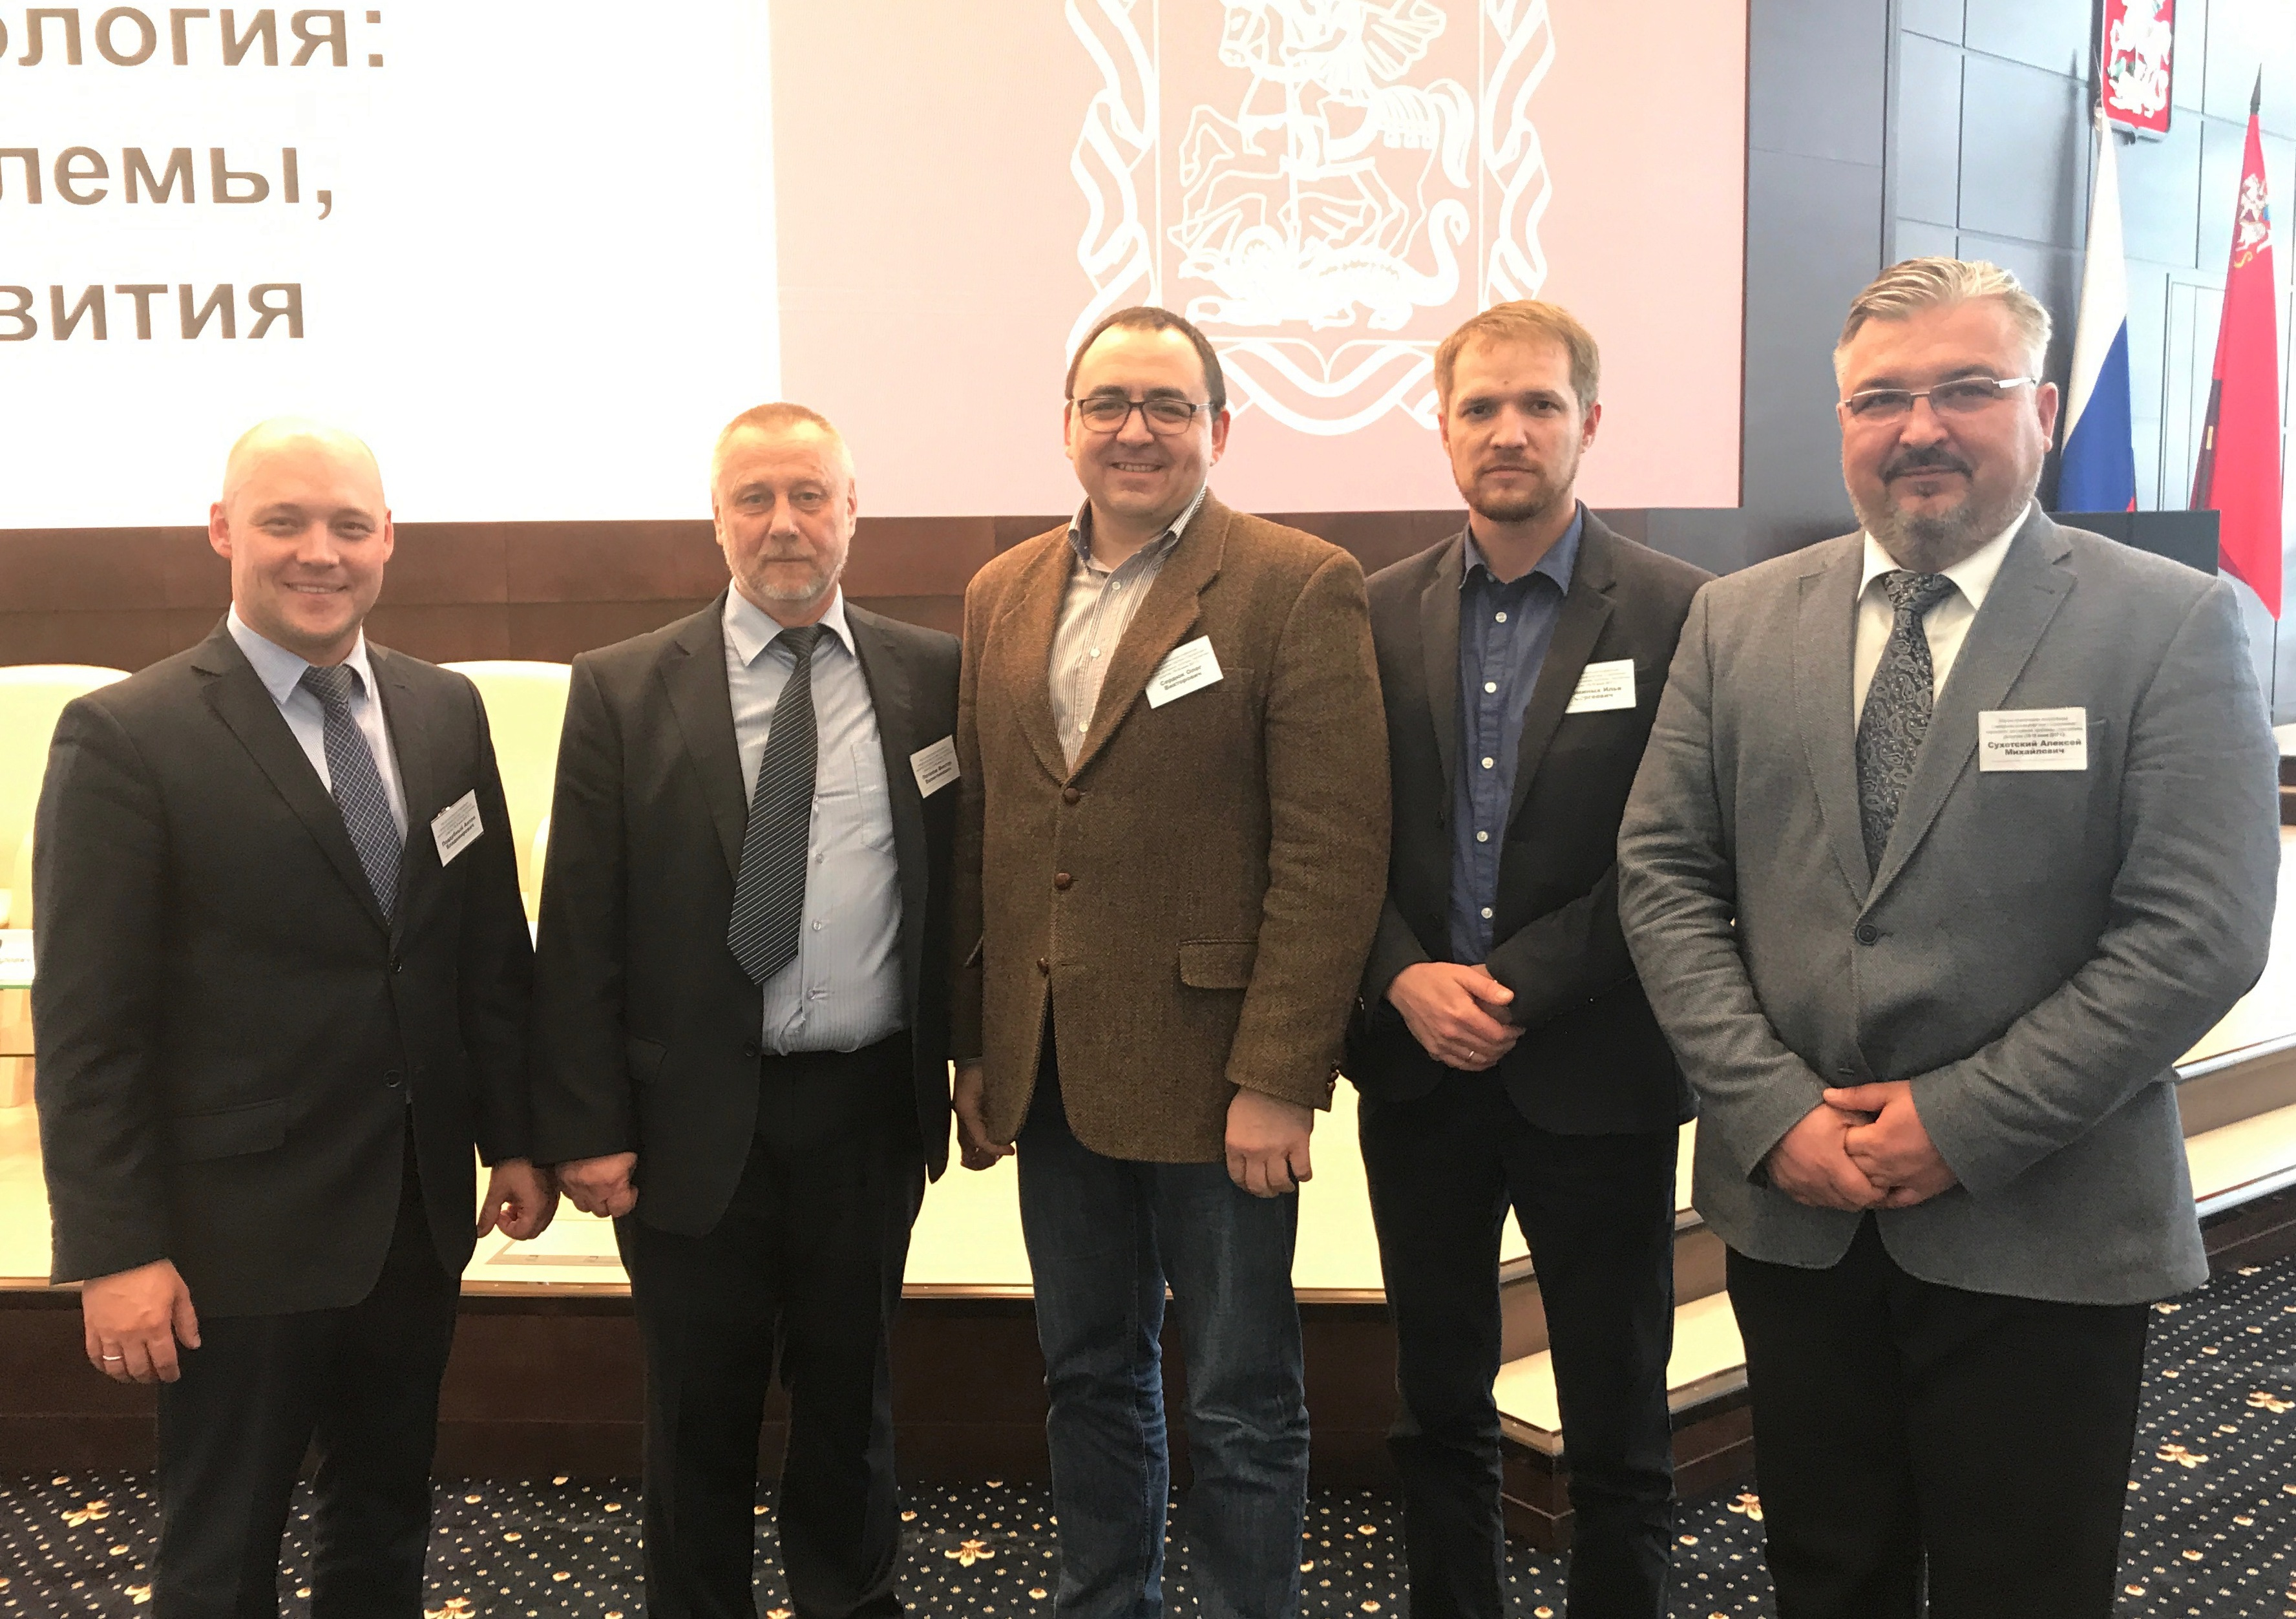 Свердловские медики принимают участие в конференции «Современная наркология: достижения, проблемы, перспективы развития»